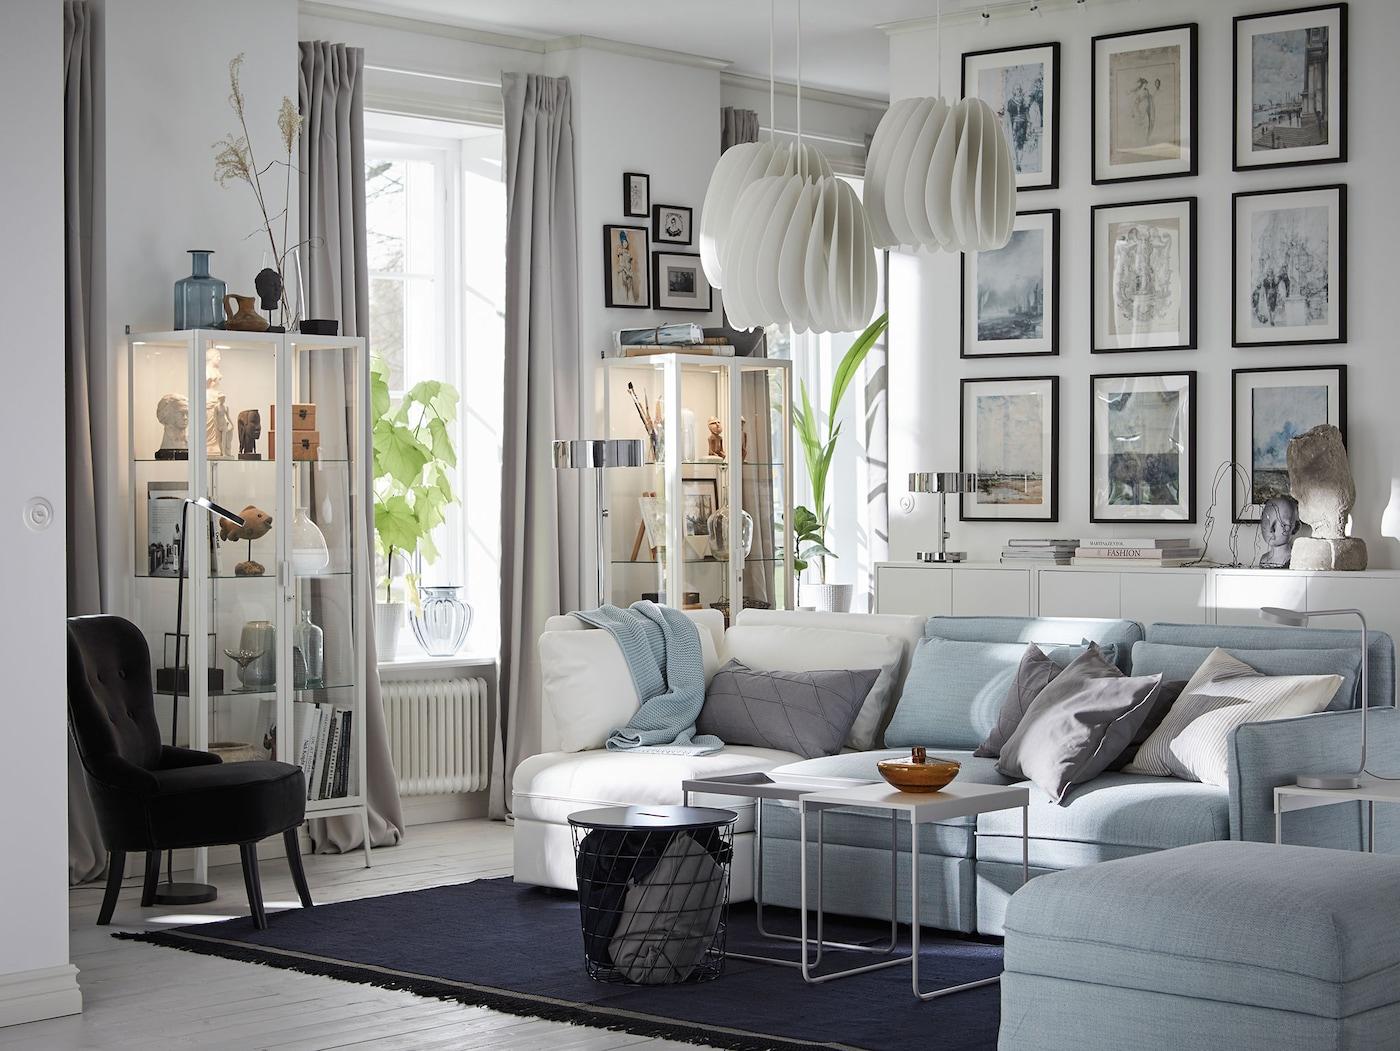 IKEA Rooms UAE - IKEA